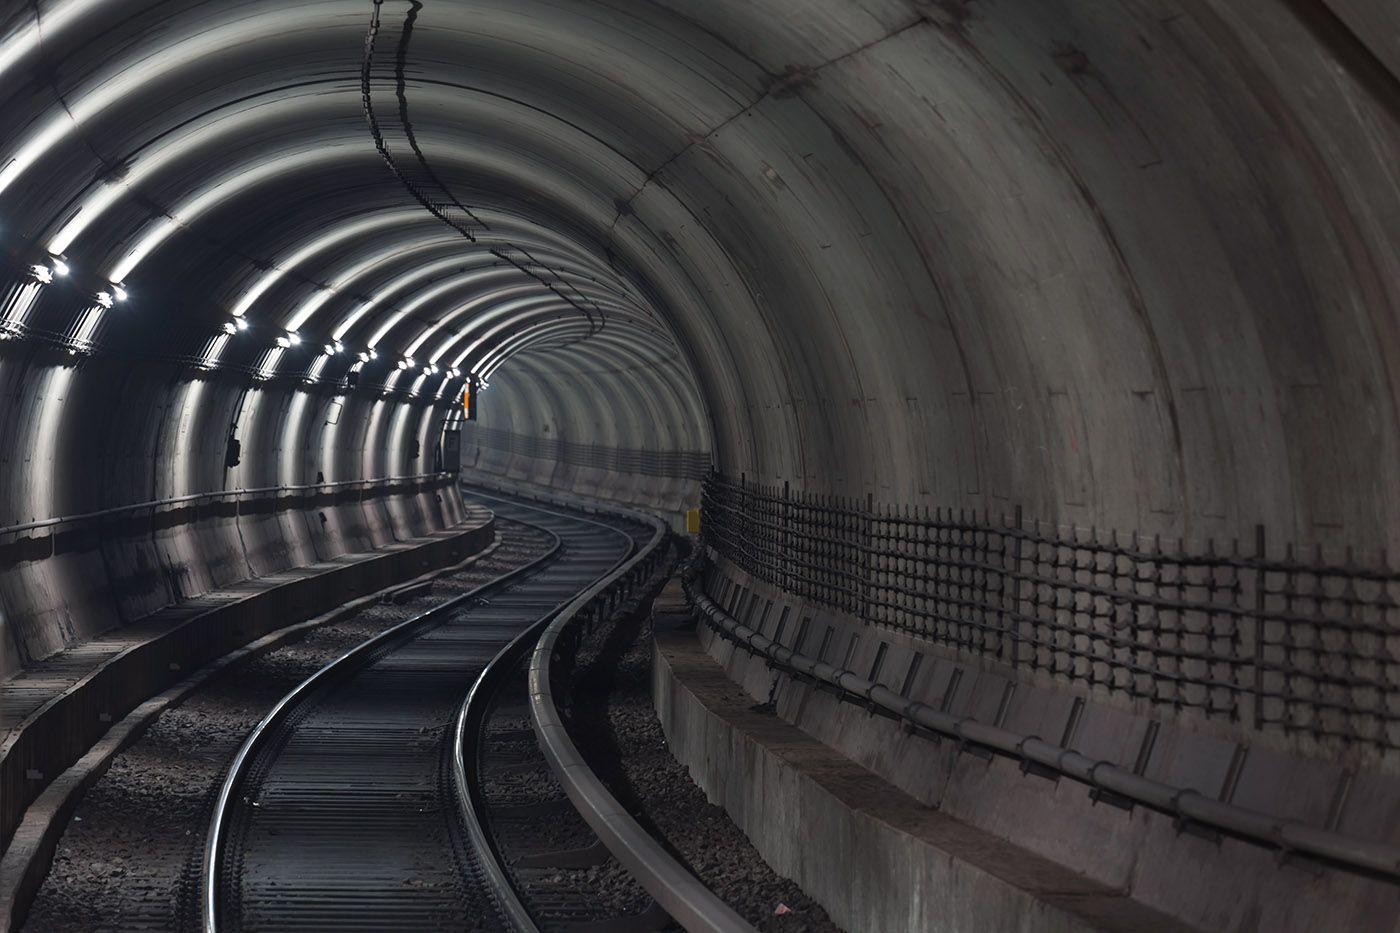 Quand le métro devient le terrain de jeu d'un photographe – FraisFrais